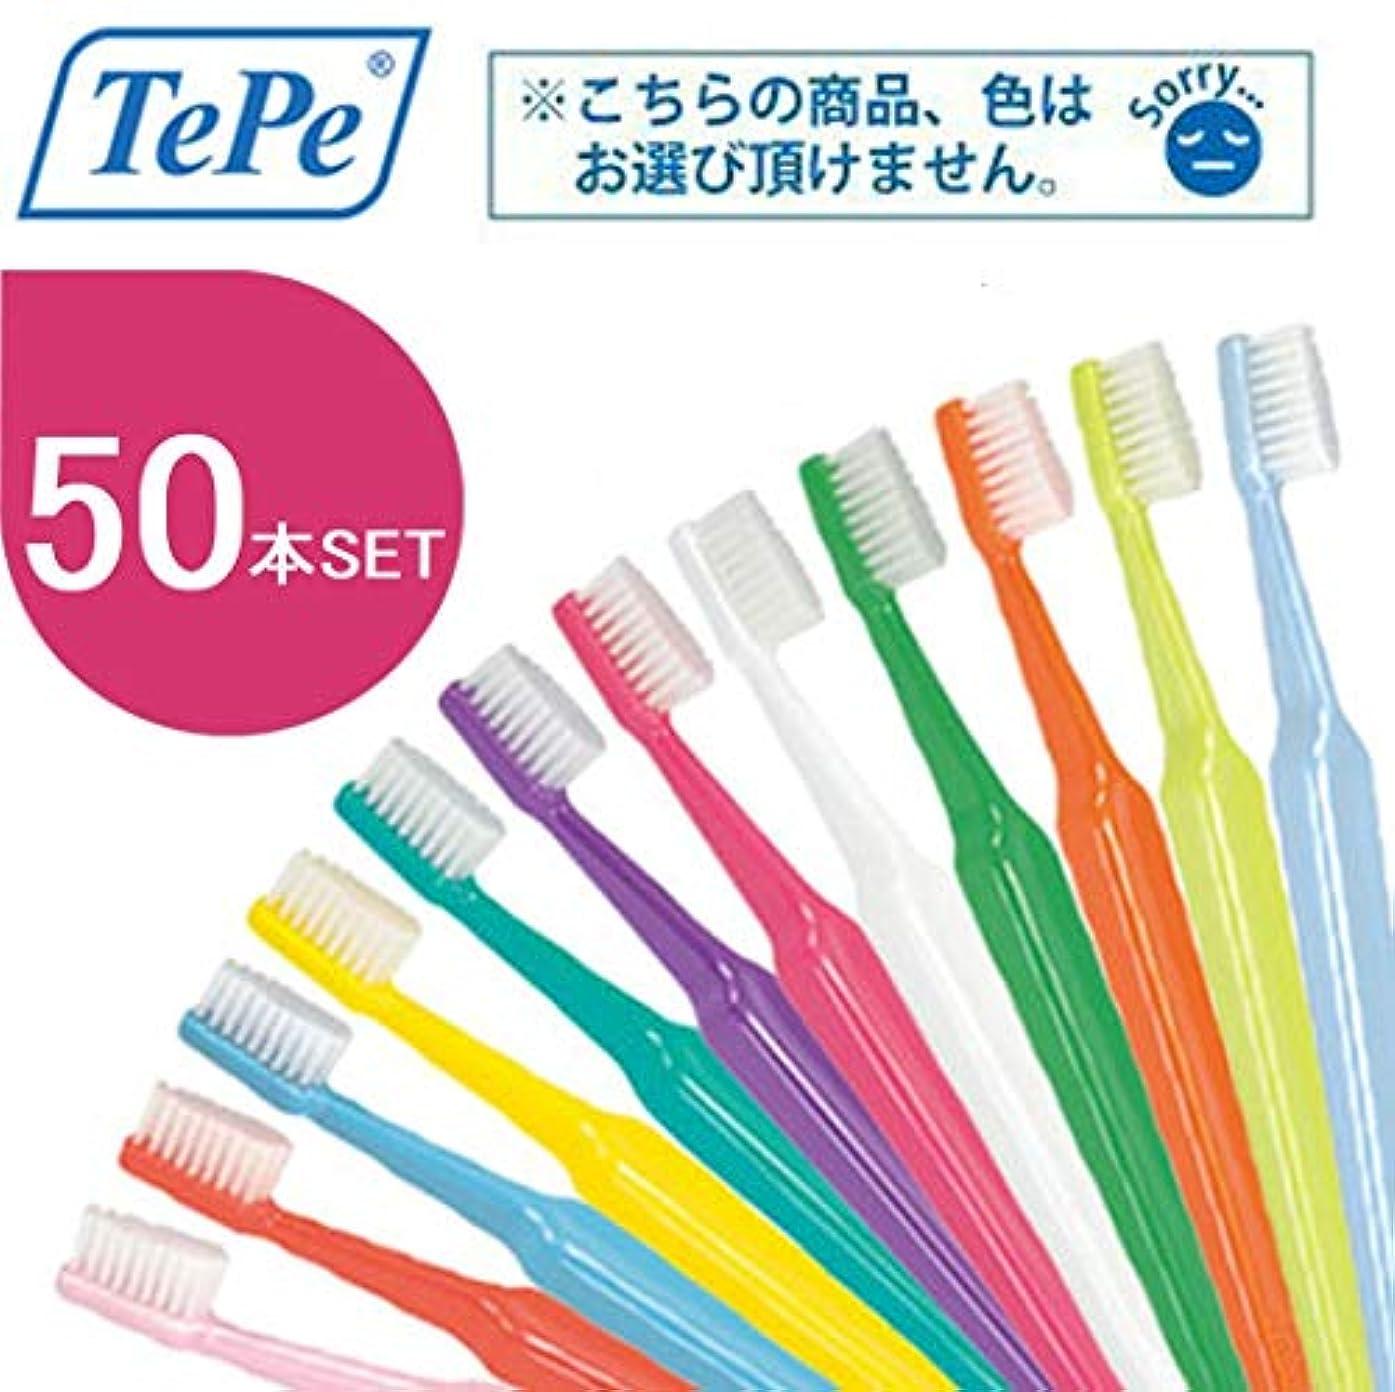 カロリークリーク観点クロスフィールド TePe テペ セレクト 歯ブラシ 50本 (ソフト)